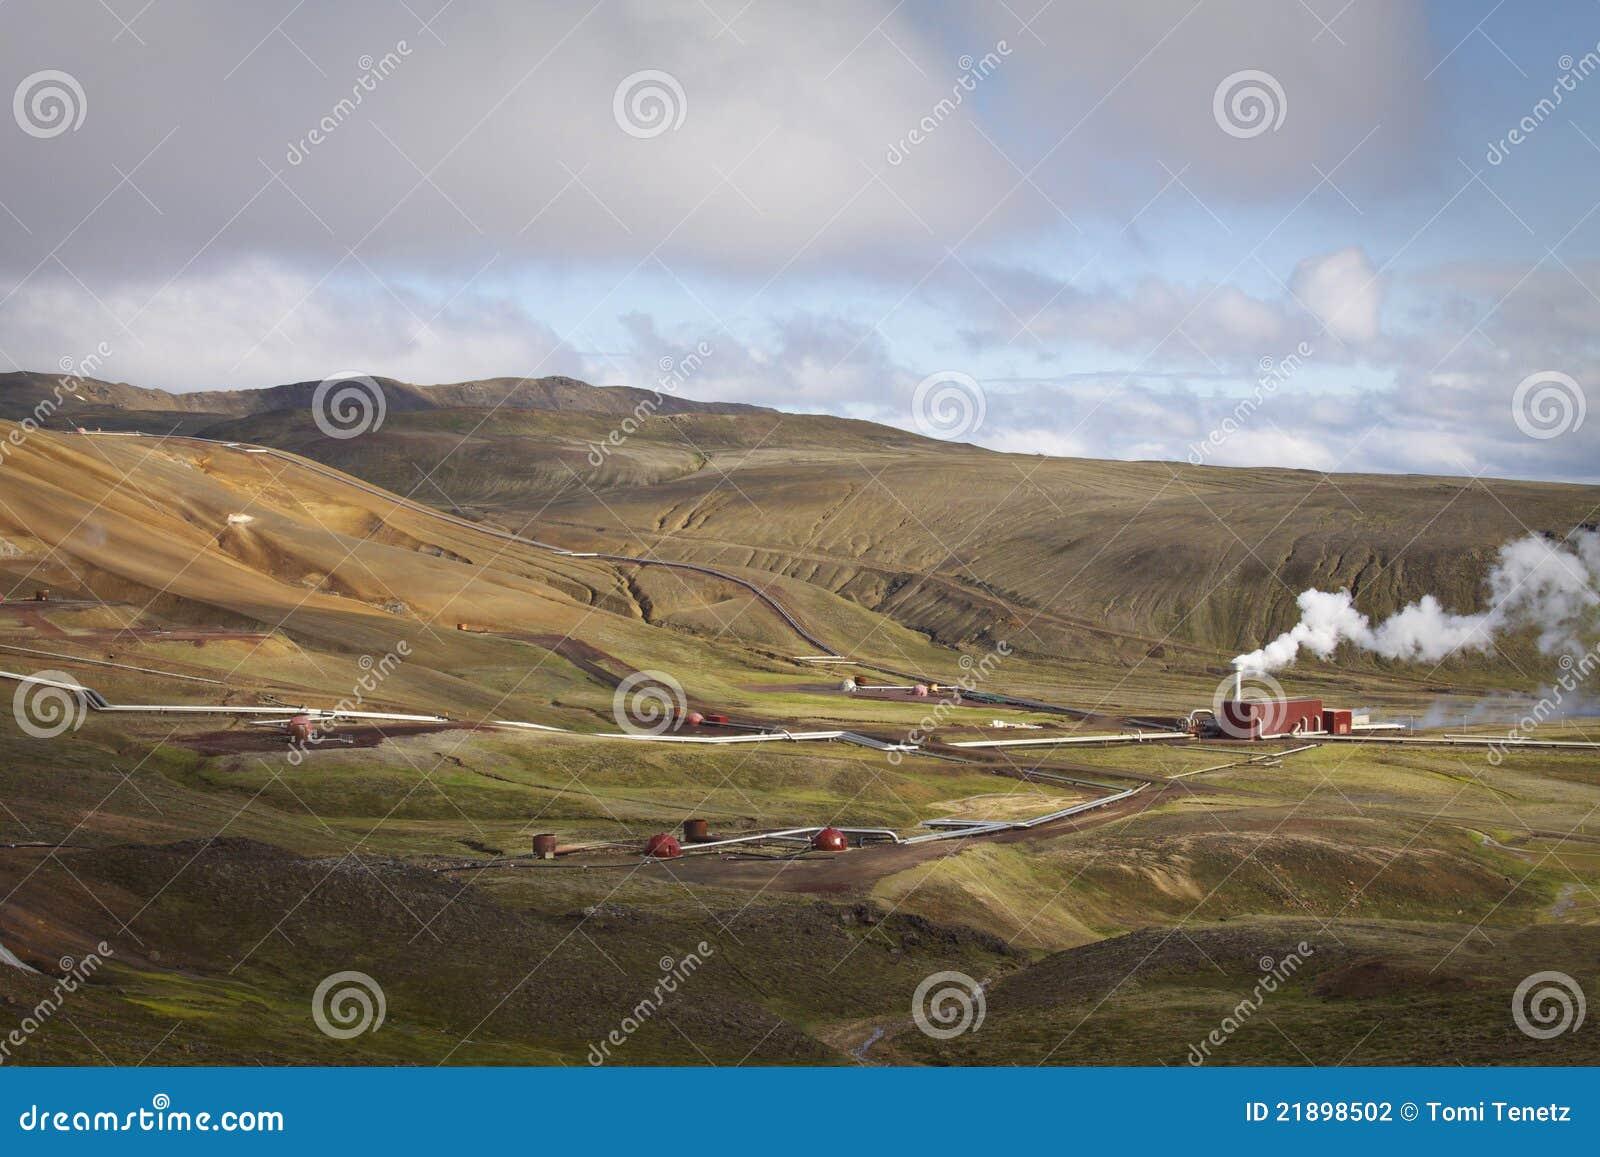 geothermische energie referat